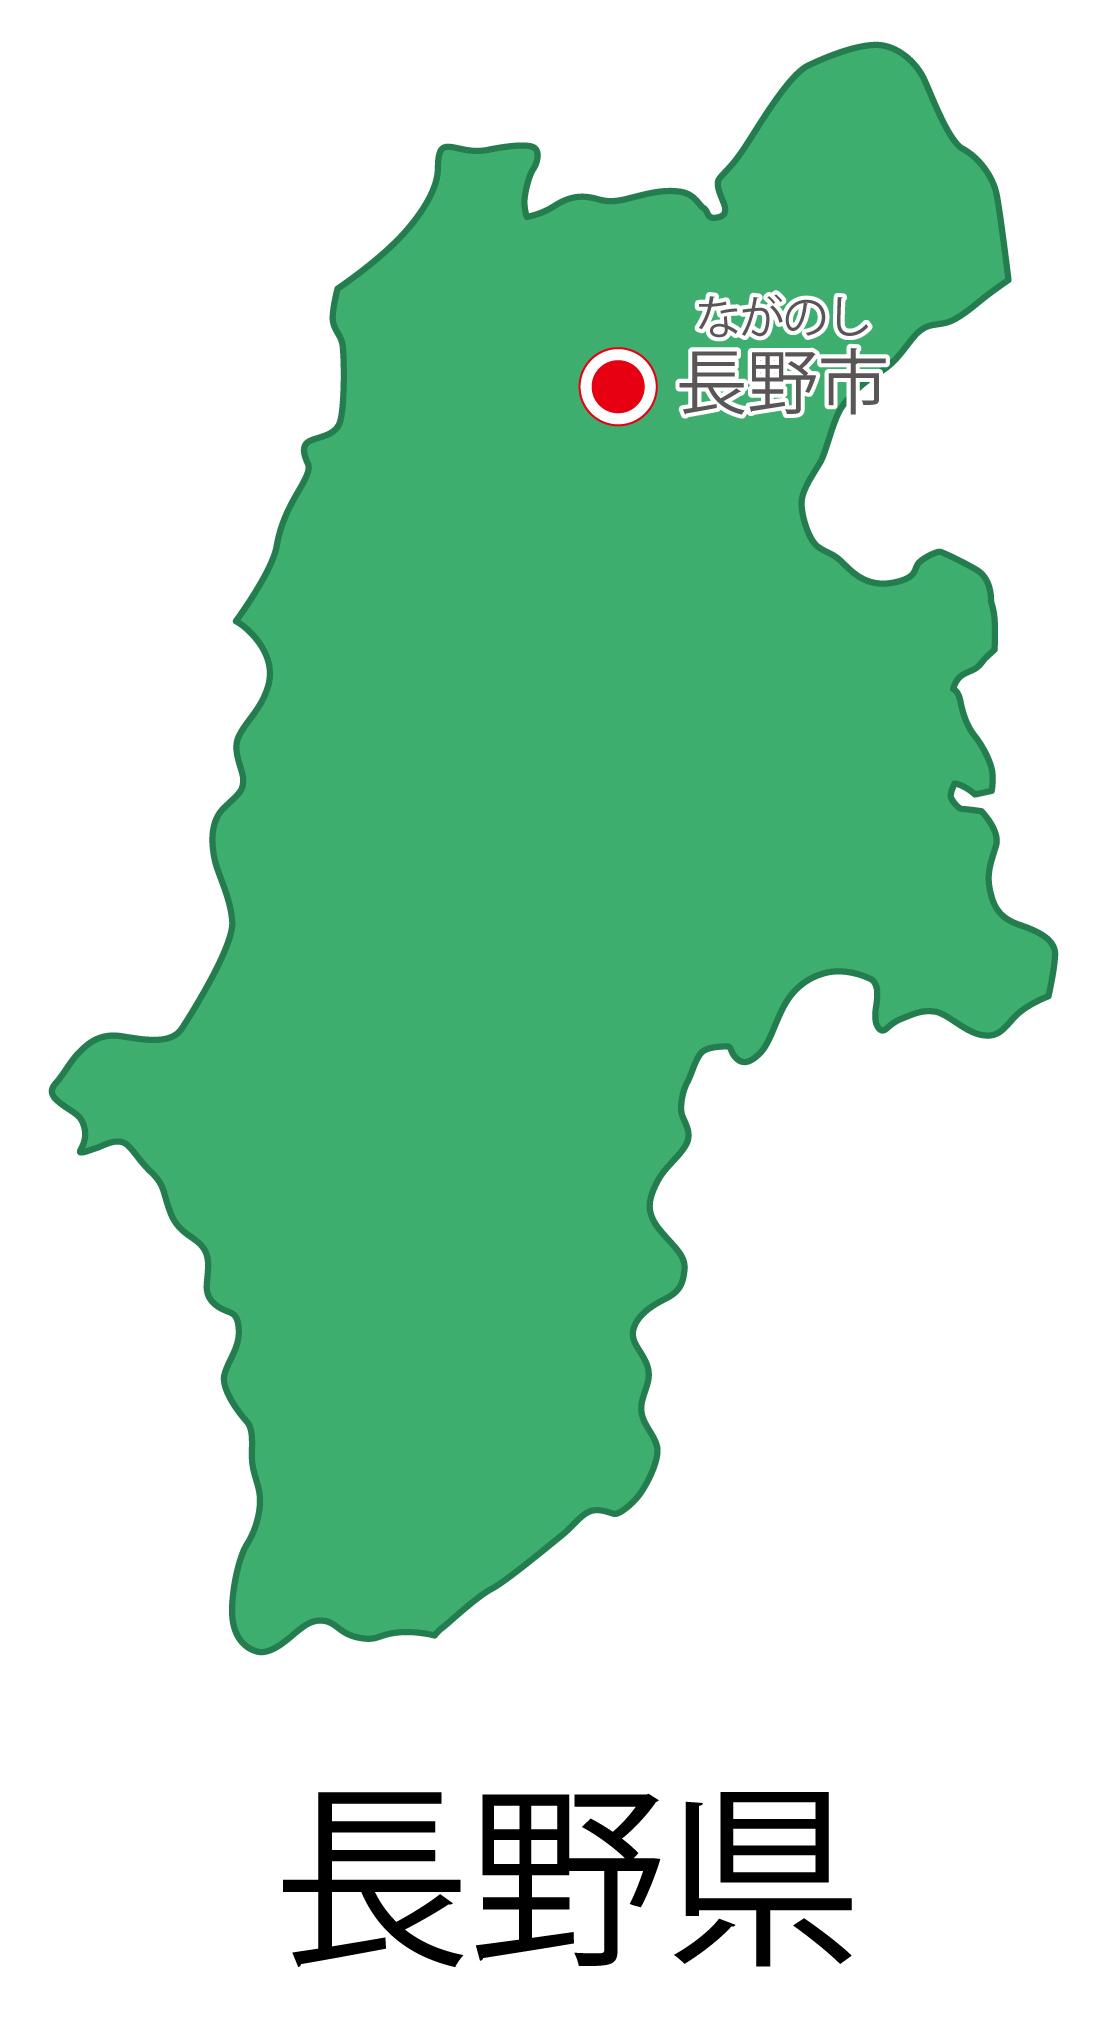 長野県無料フリーイラスト|日本語・都道府県名あり・県庁所在地あり・ルビあり(緑)